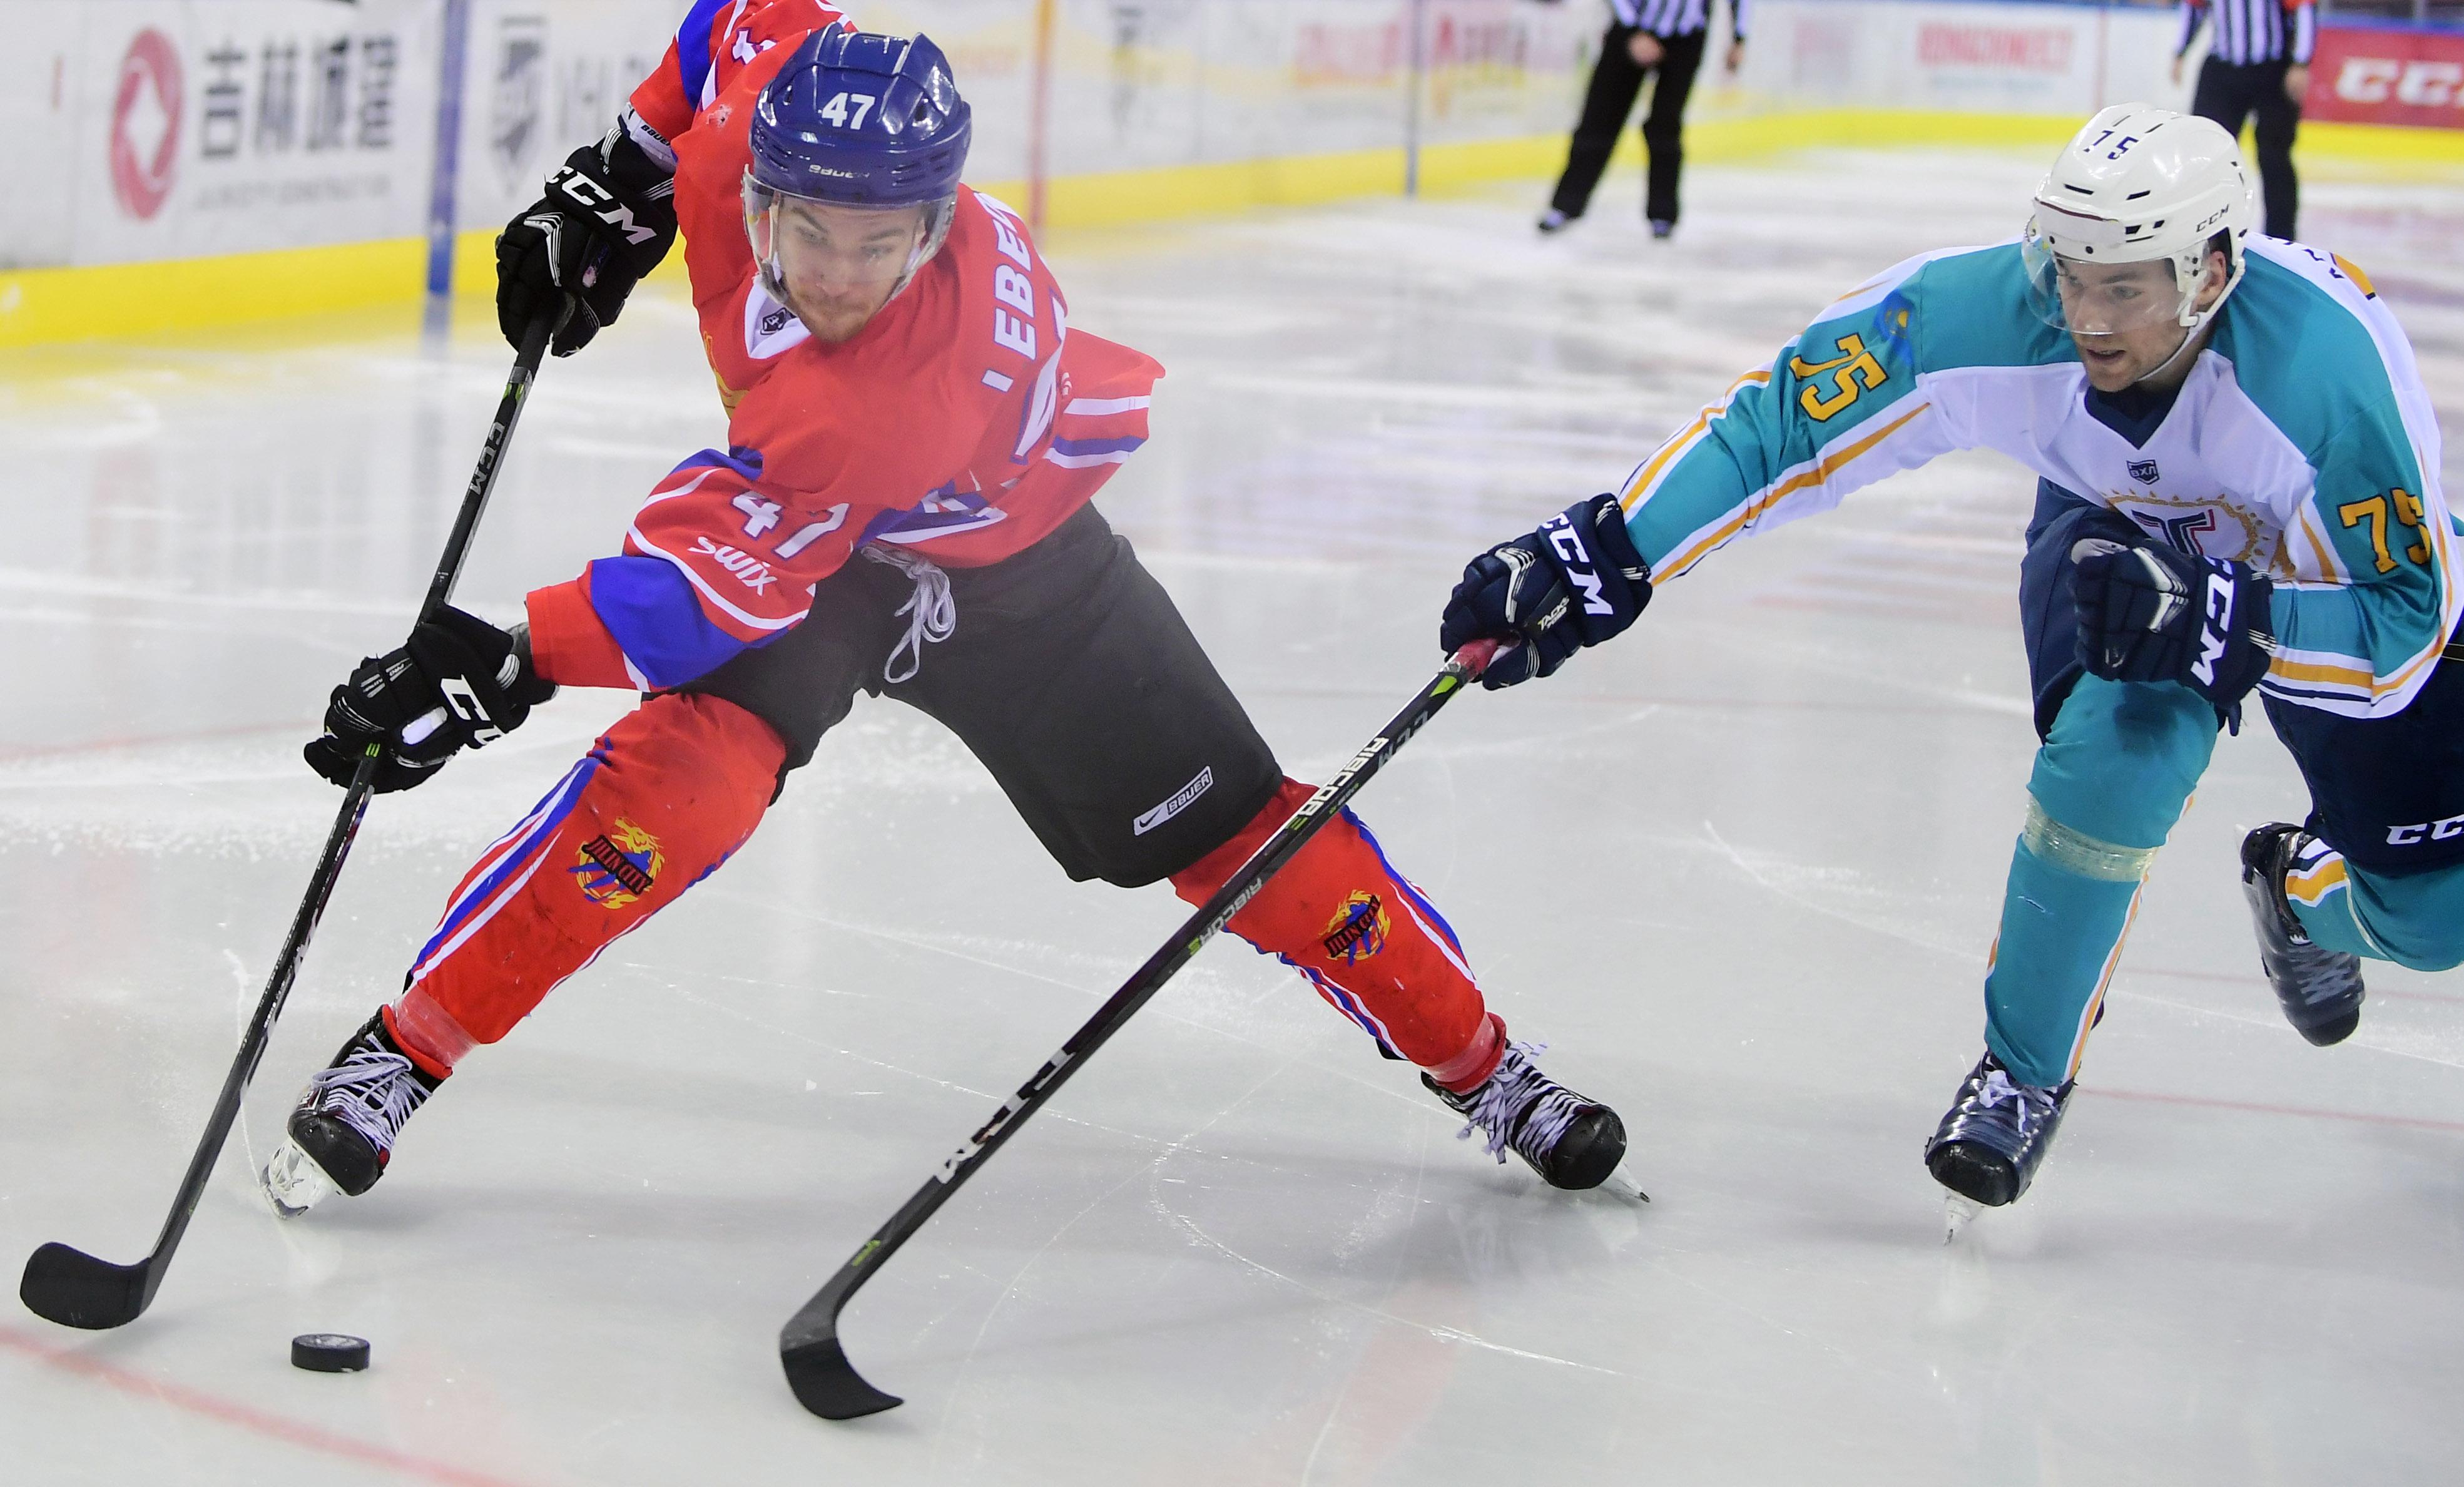 2月23日,吉林市城投队球员叶戈尔(左)在比赛中进攻.图片